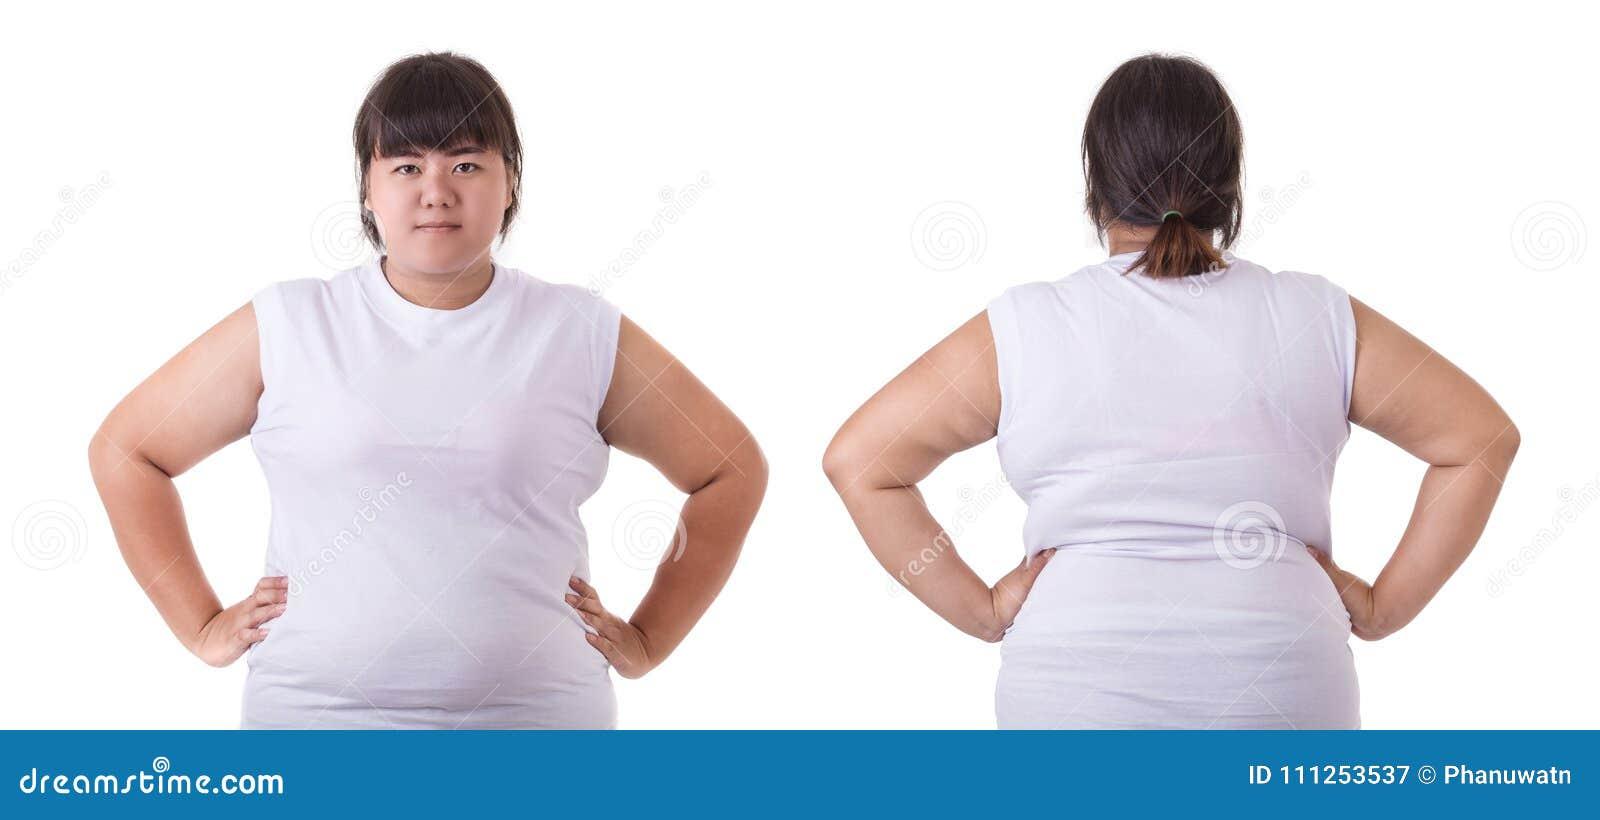 Big fat black girls fucking